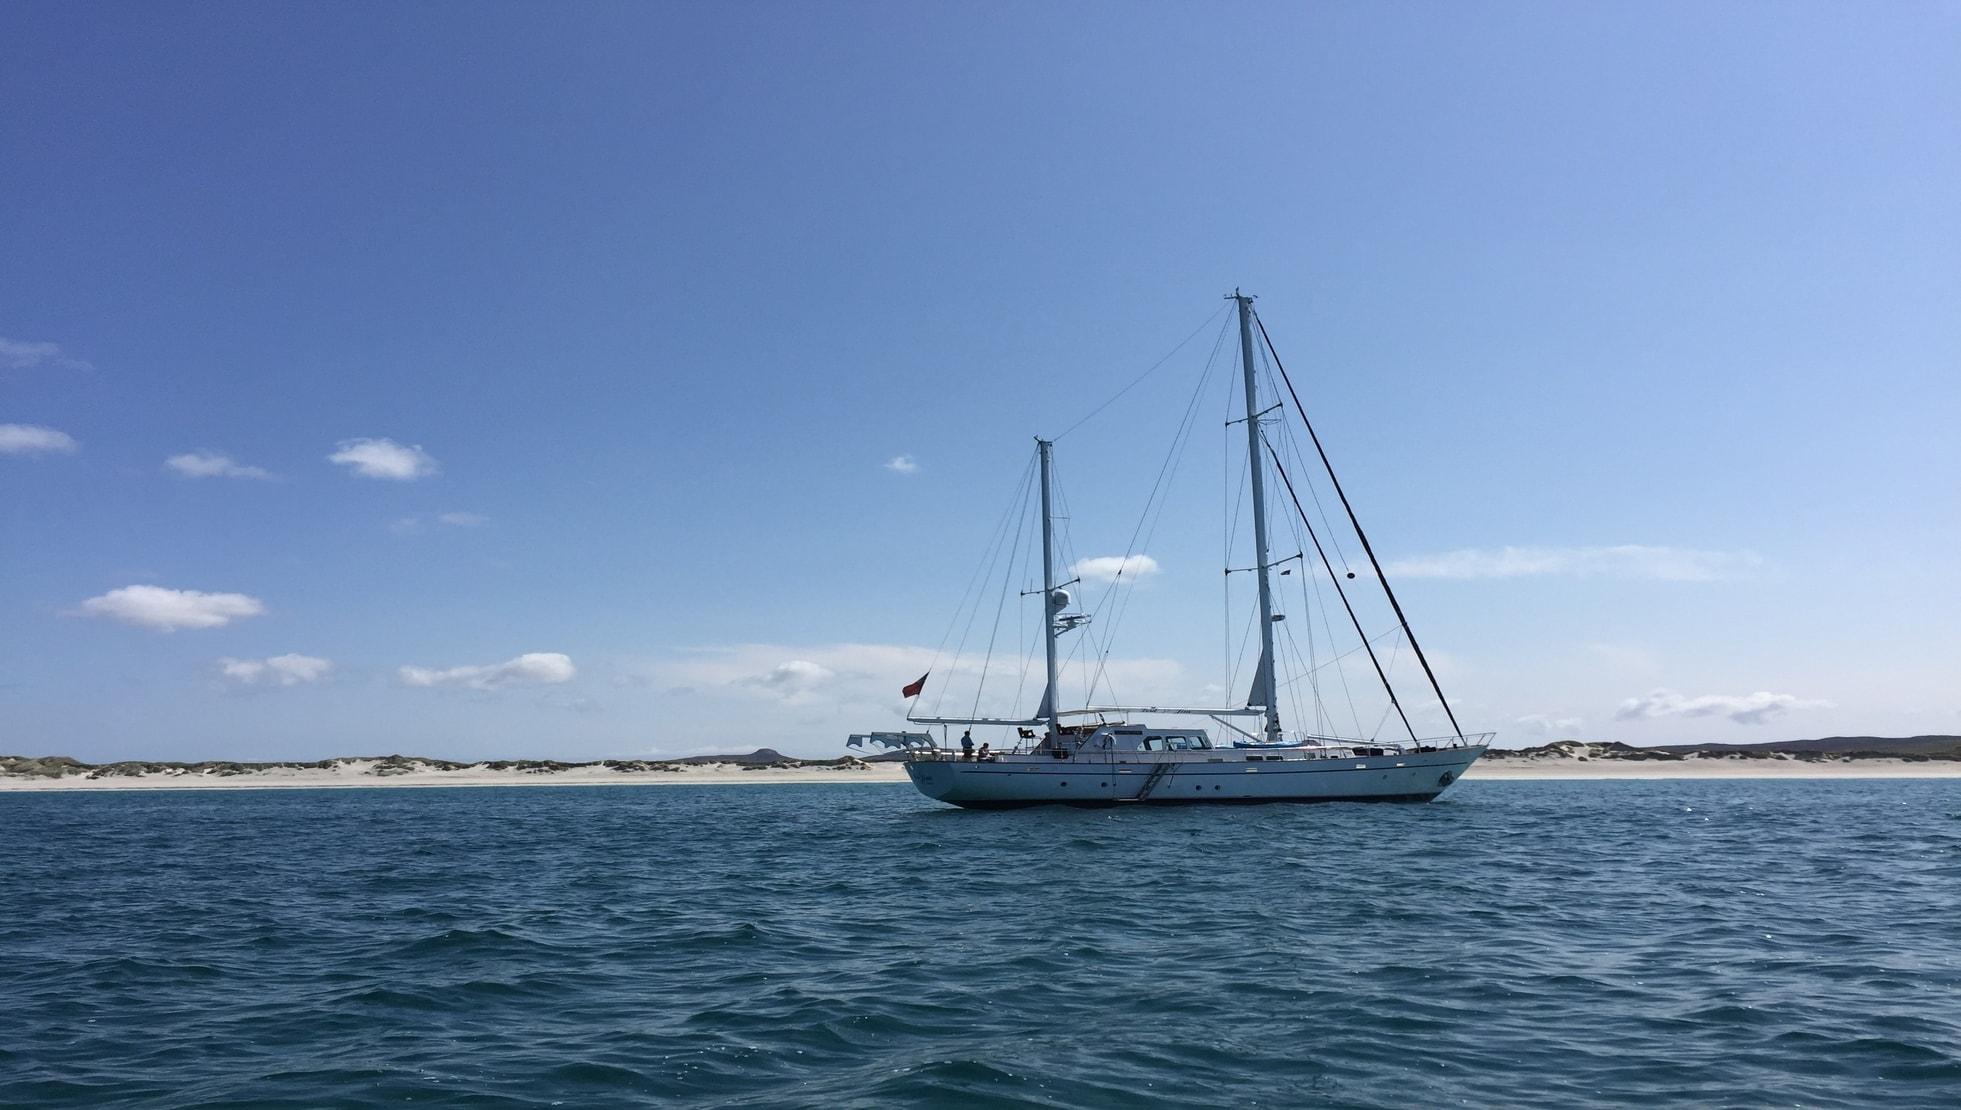 Built to sail around the world